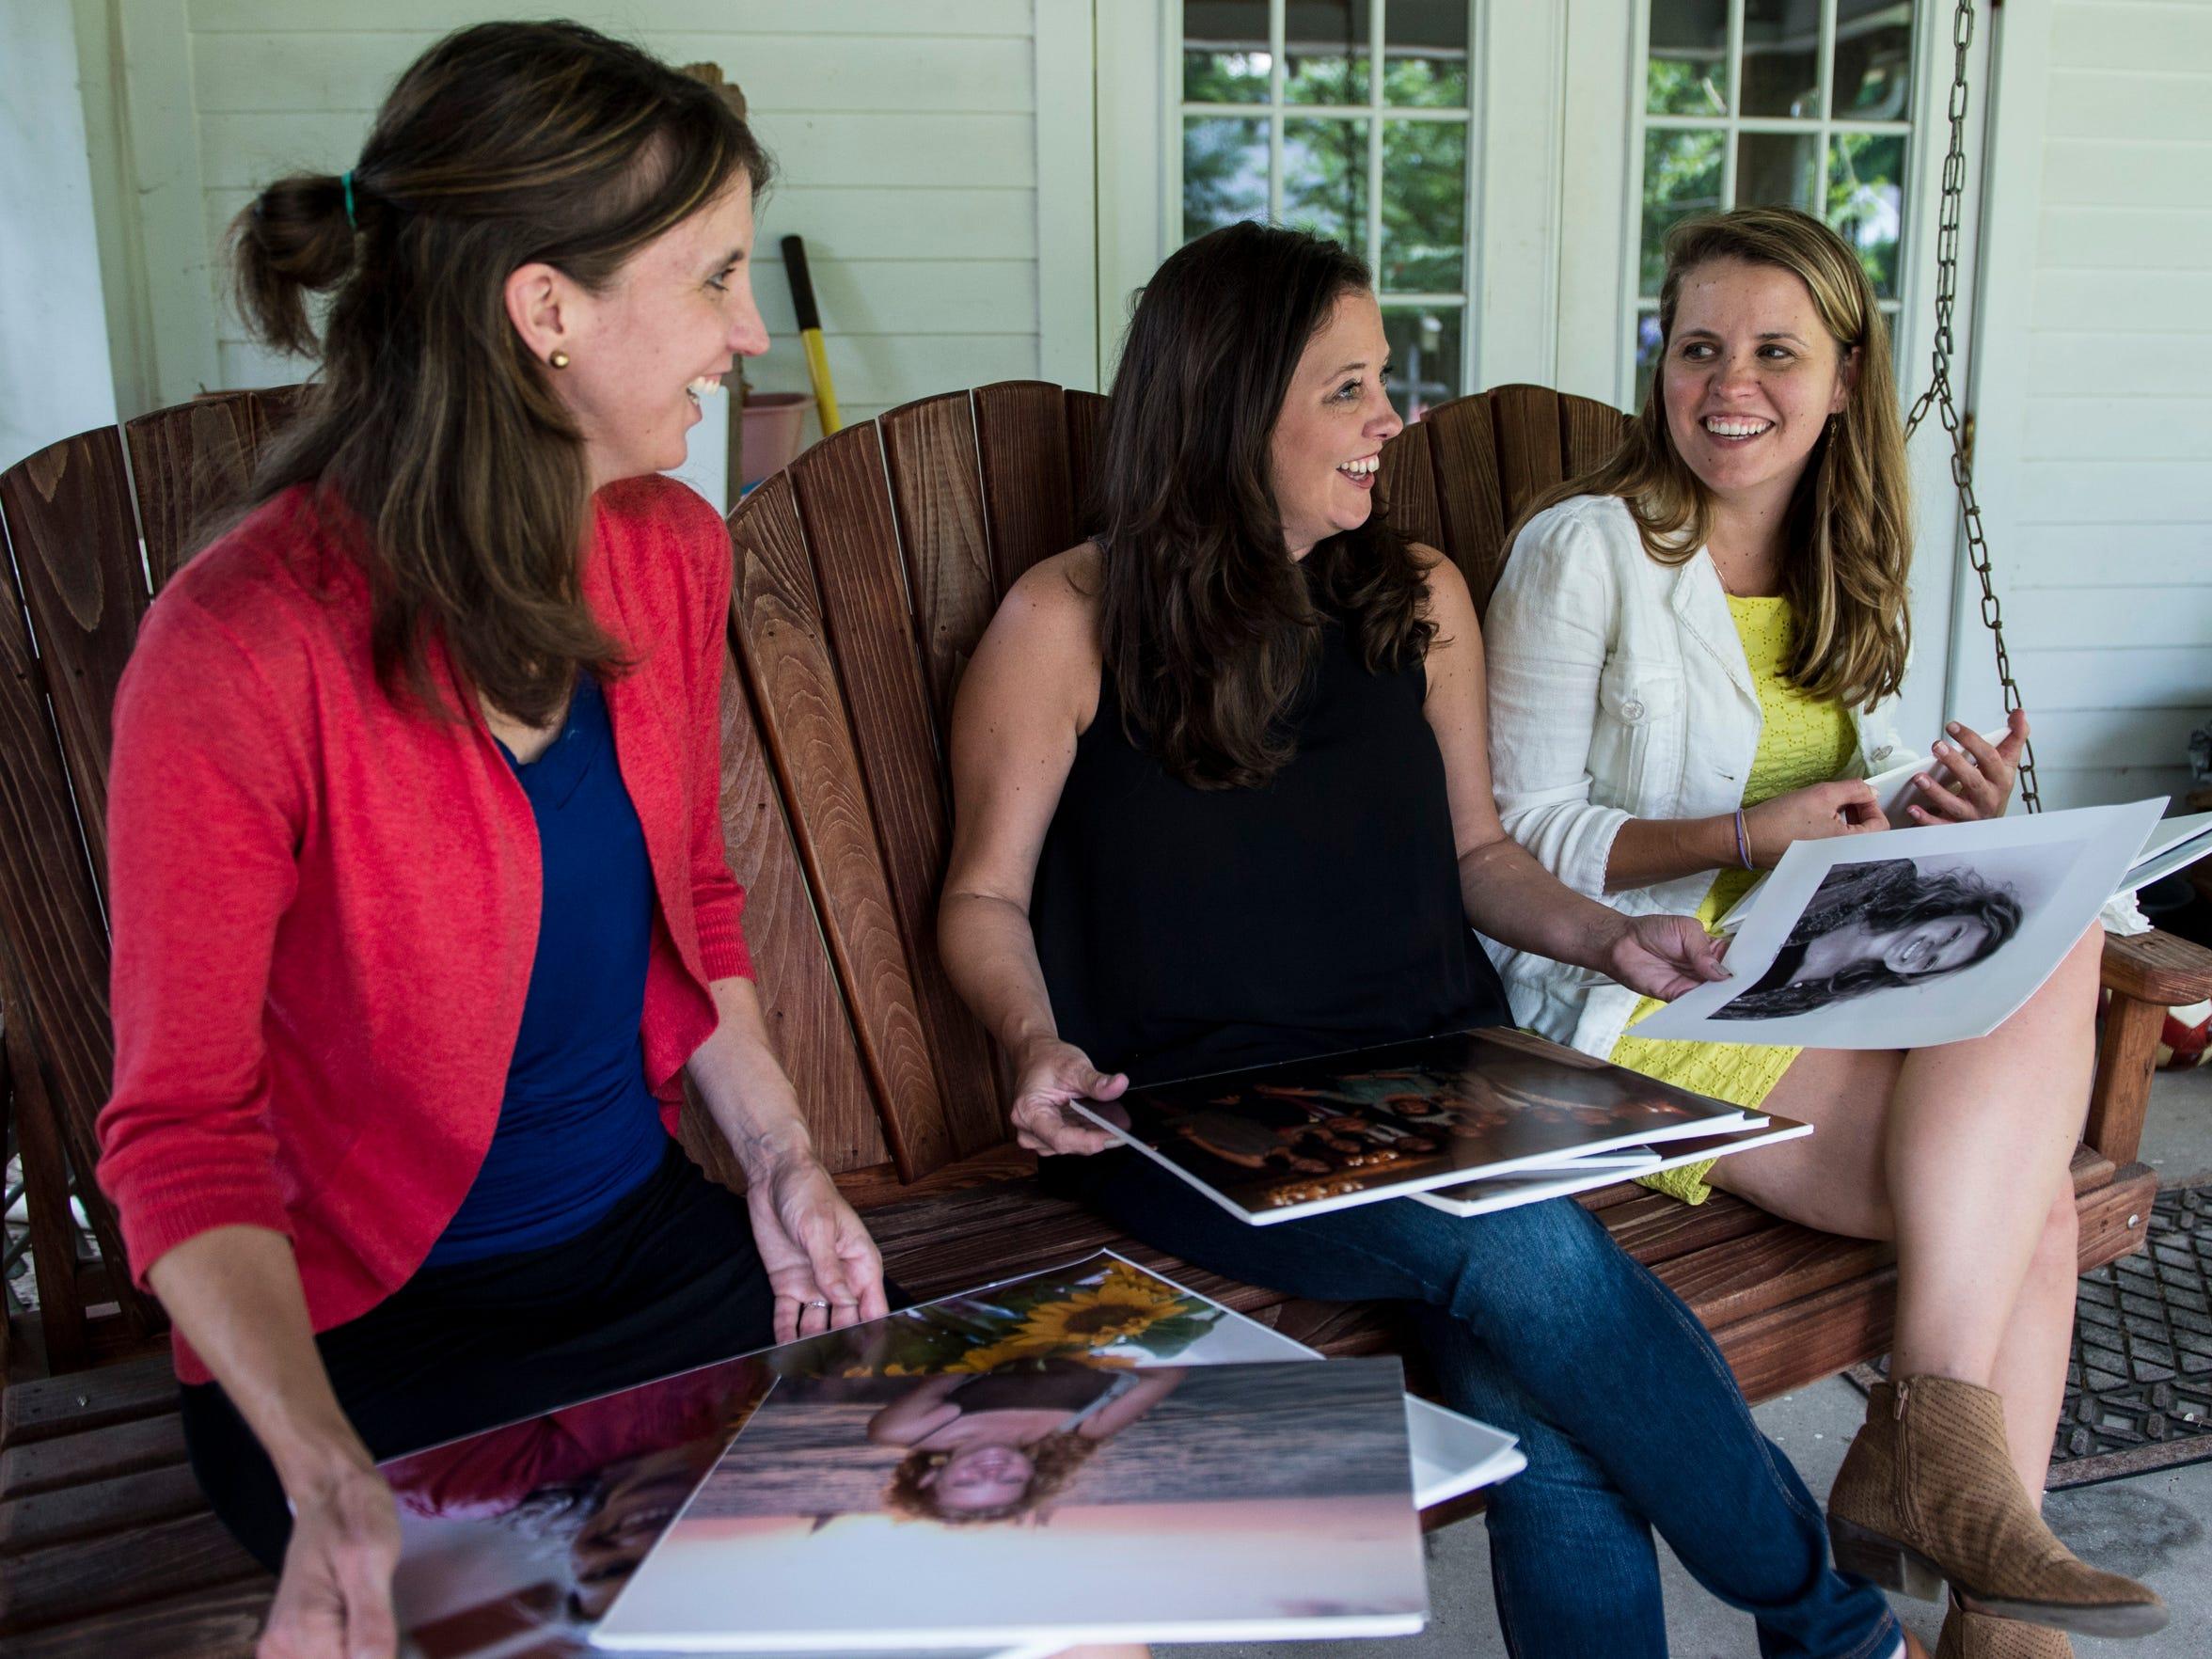 Vanessa Neustrom, Kim Neustrom, and Emily Neustrom